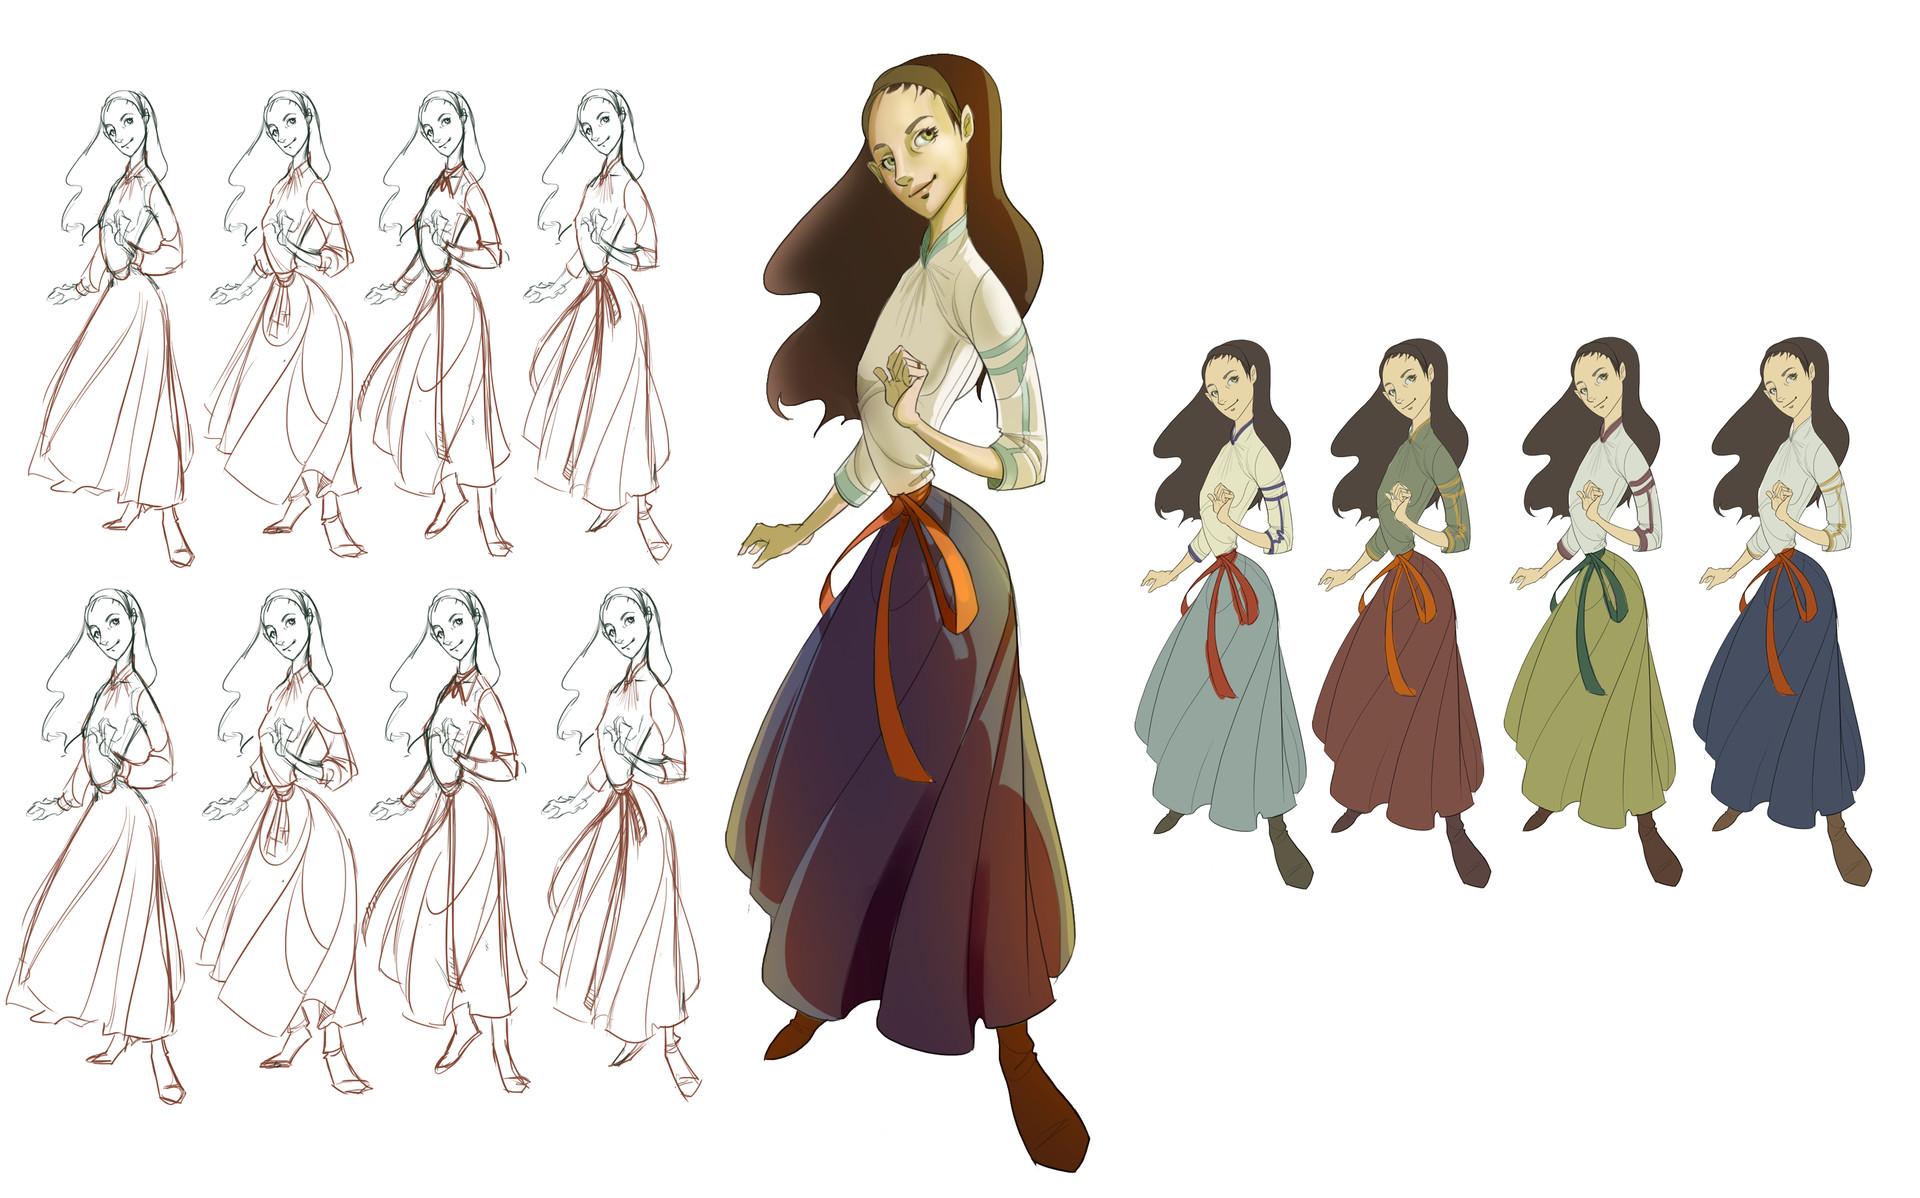 Sophia manio leonmom design